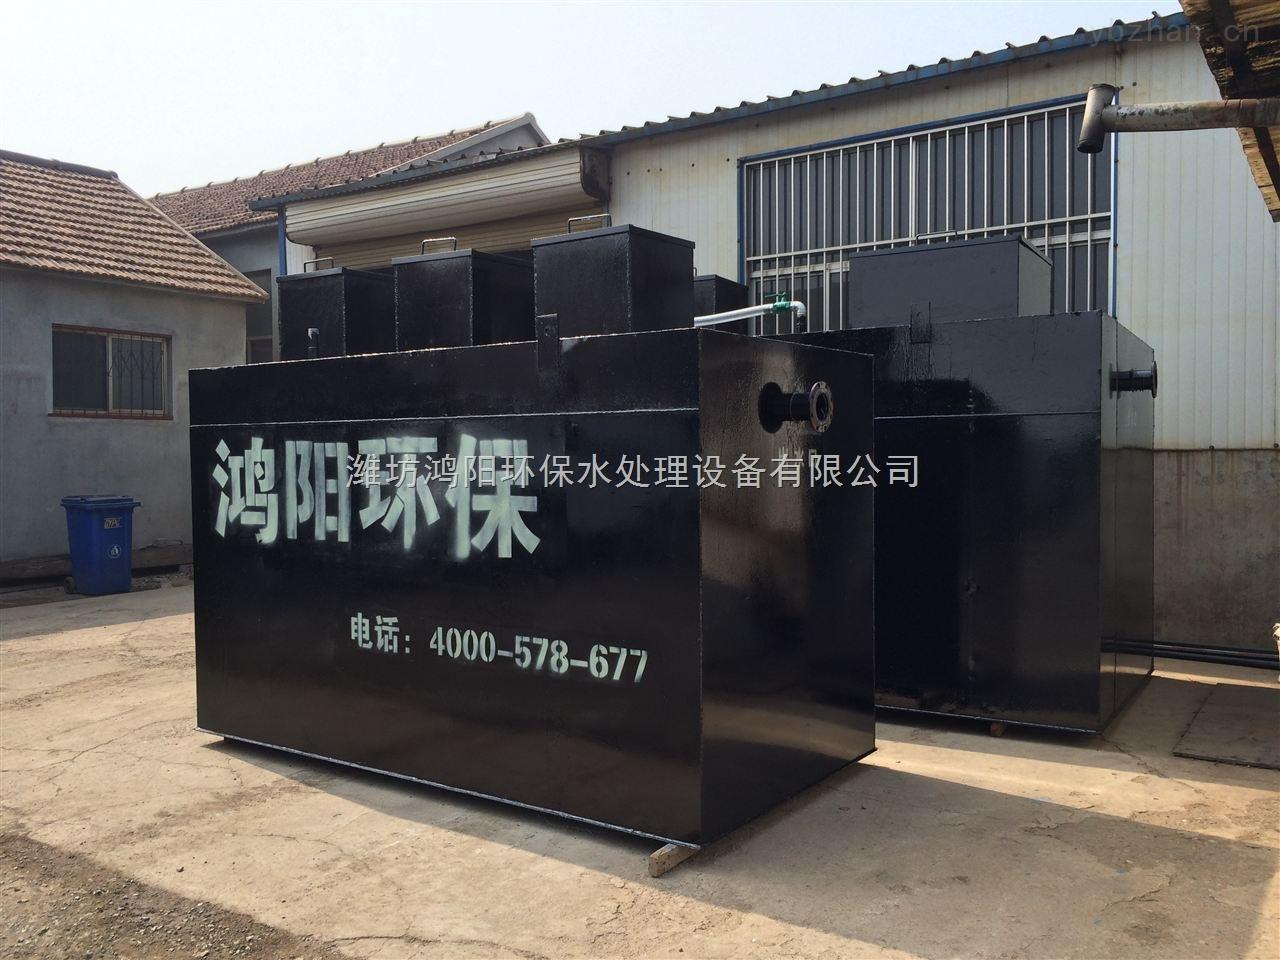 大连wsz-0.5地埋式一体化污水处理设备